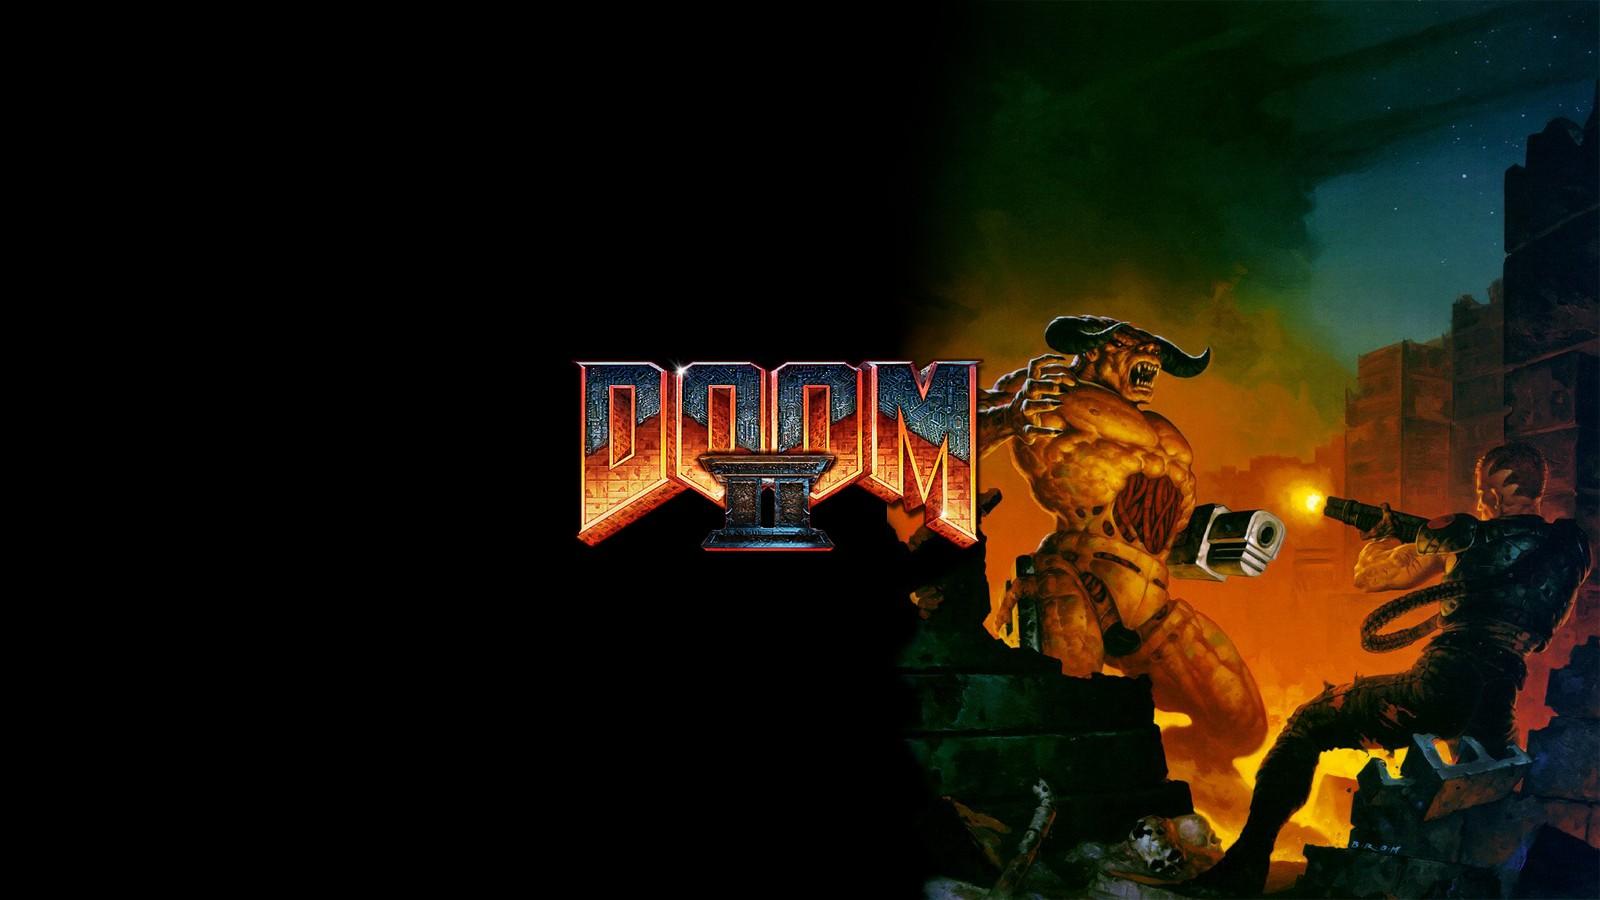 Doom retro games games wallpaper 1600x900 210117 WallpaperUP 1600x900